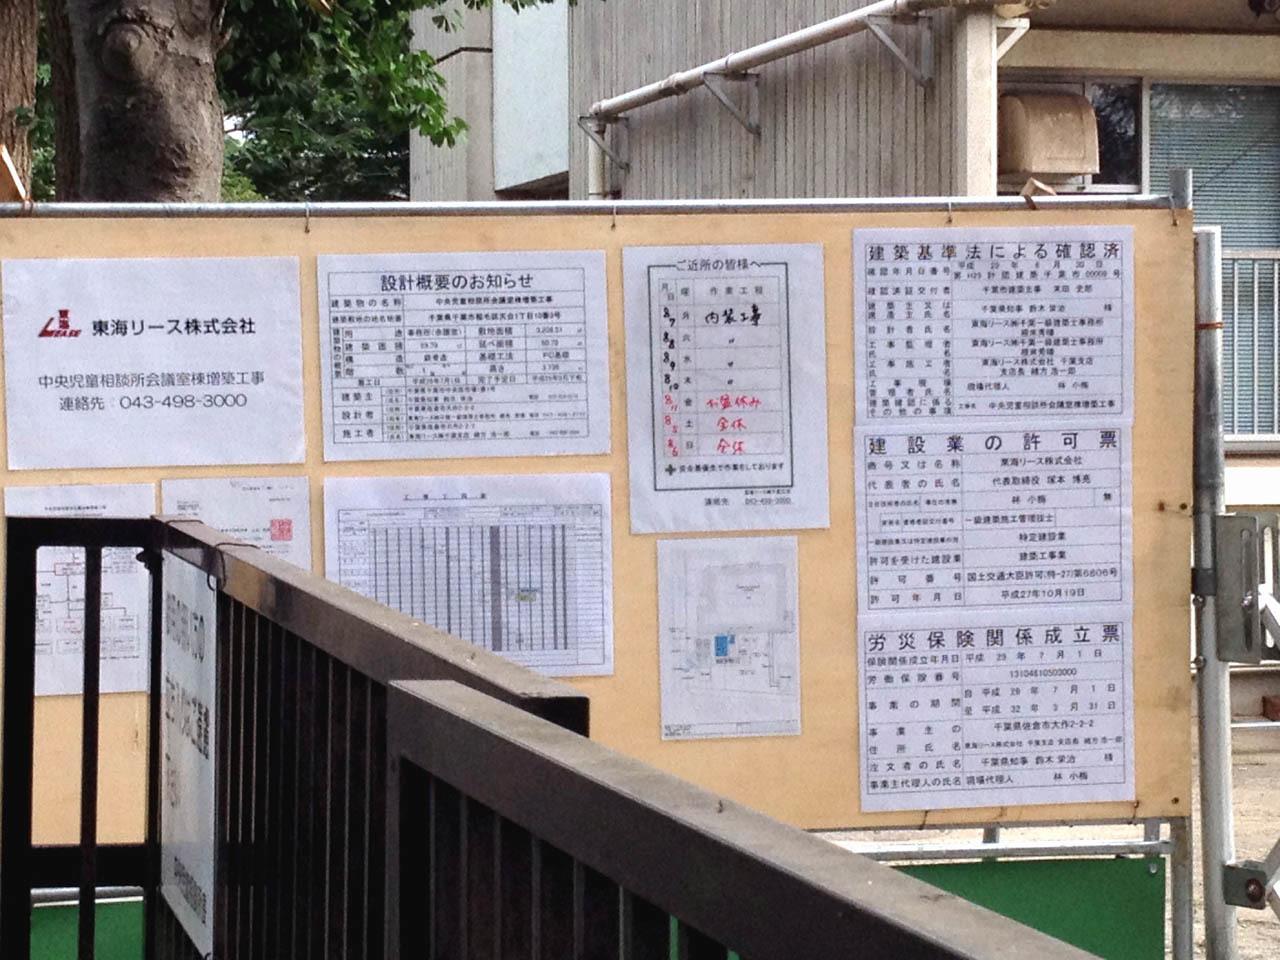 千葉県中央児童相談所会議室棟増築